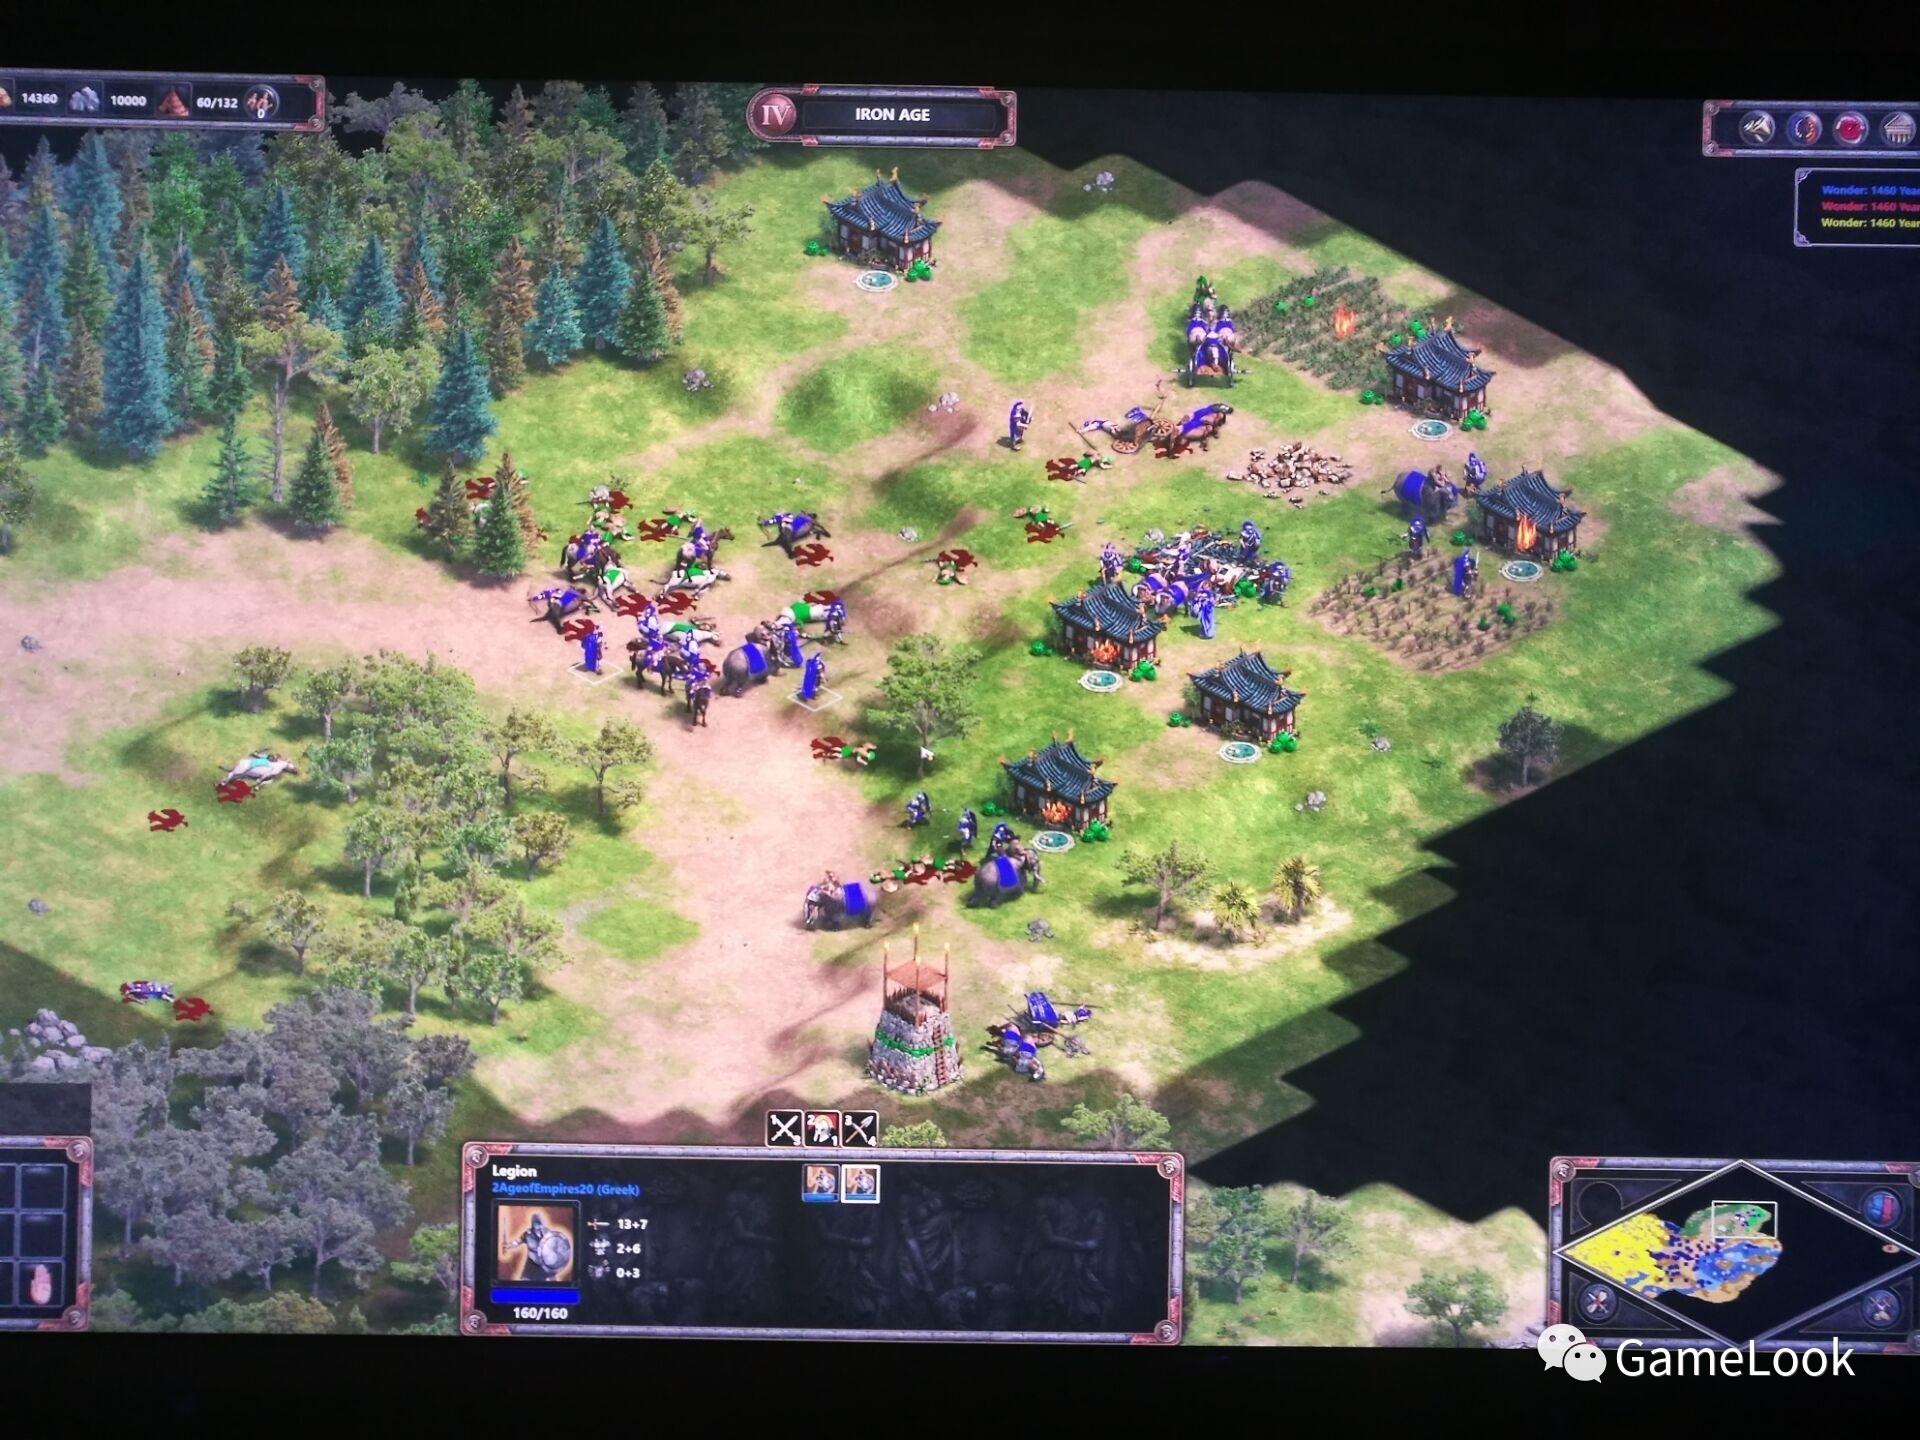 微软宣布 帝国时代4 开始开发 终极版将登陆国区